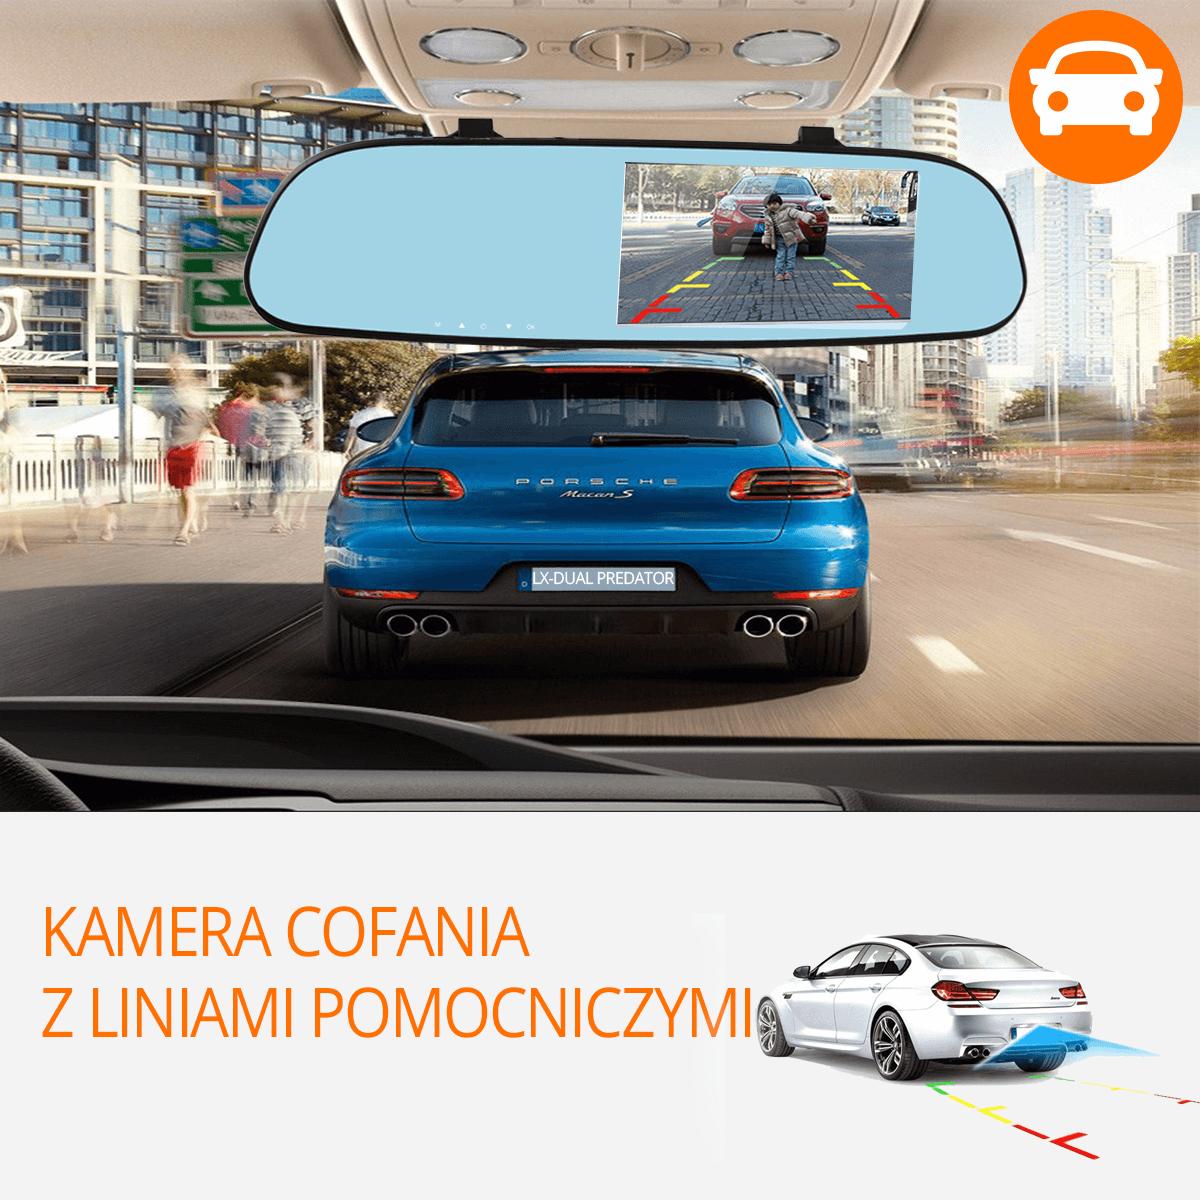 Kamera-samochodowa-cofania-linie-pomocnicze-orllo-pl